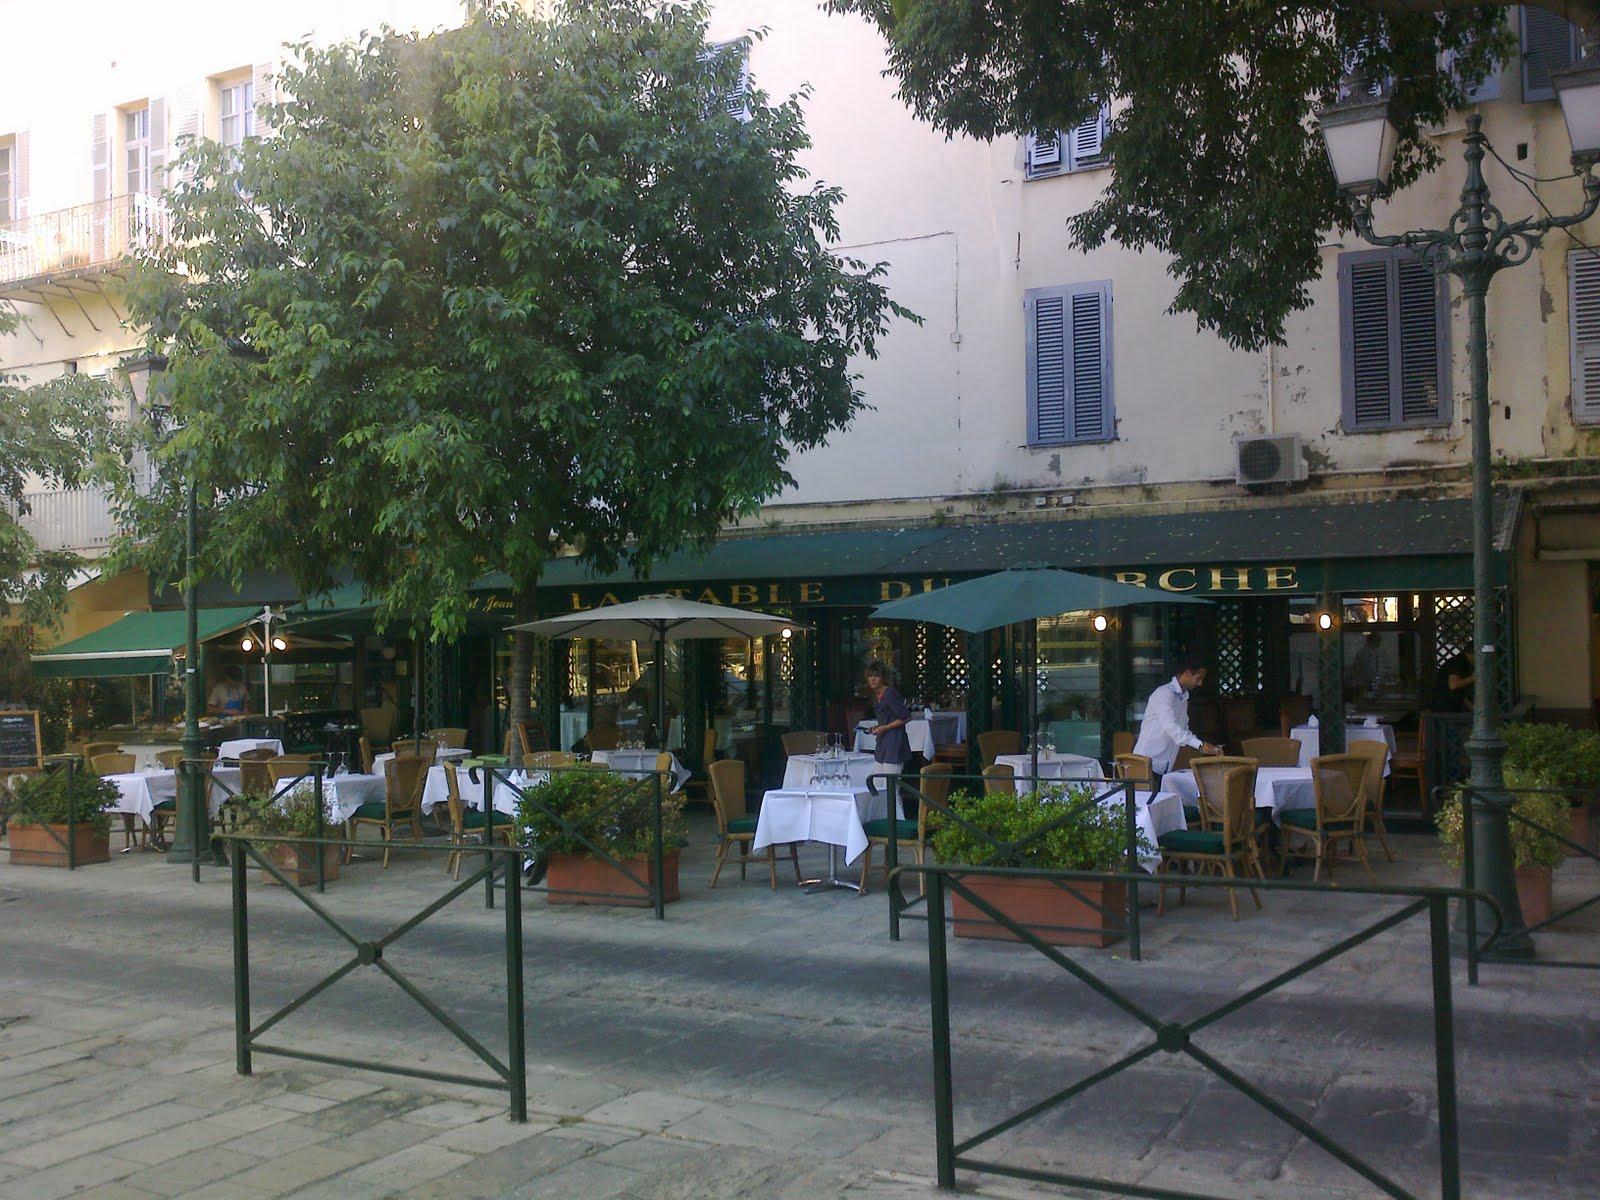 Restaurant la table du march bastia - Restaurant la table du grand marche tours ...